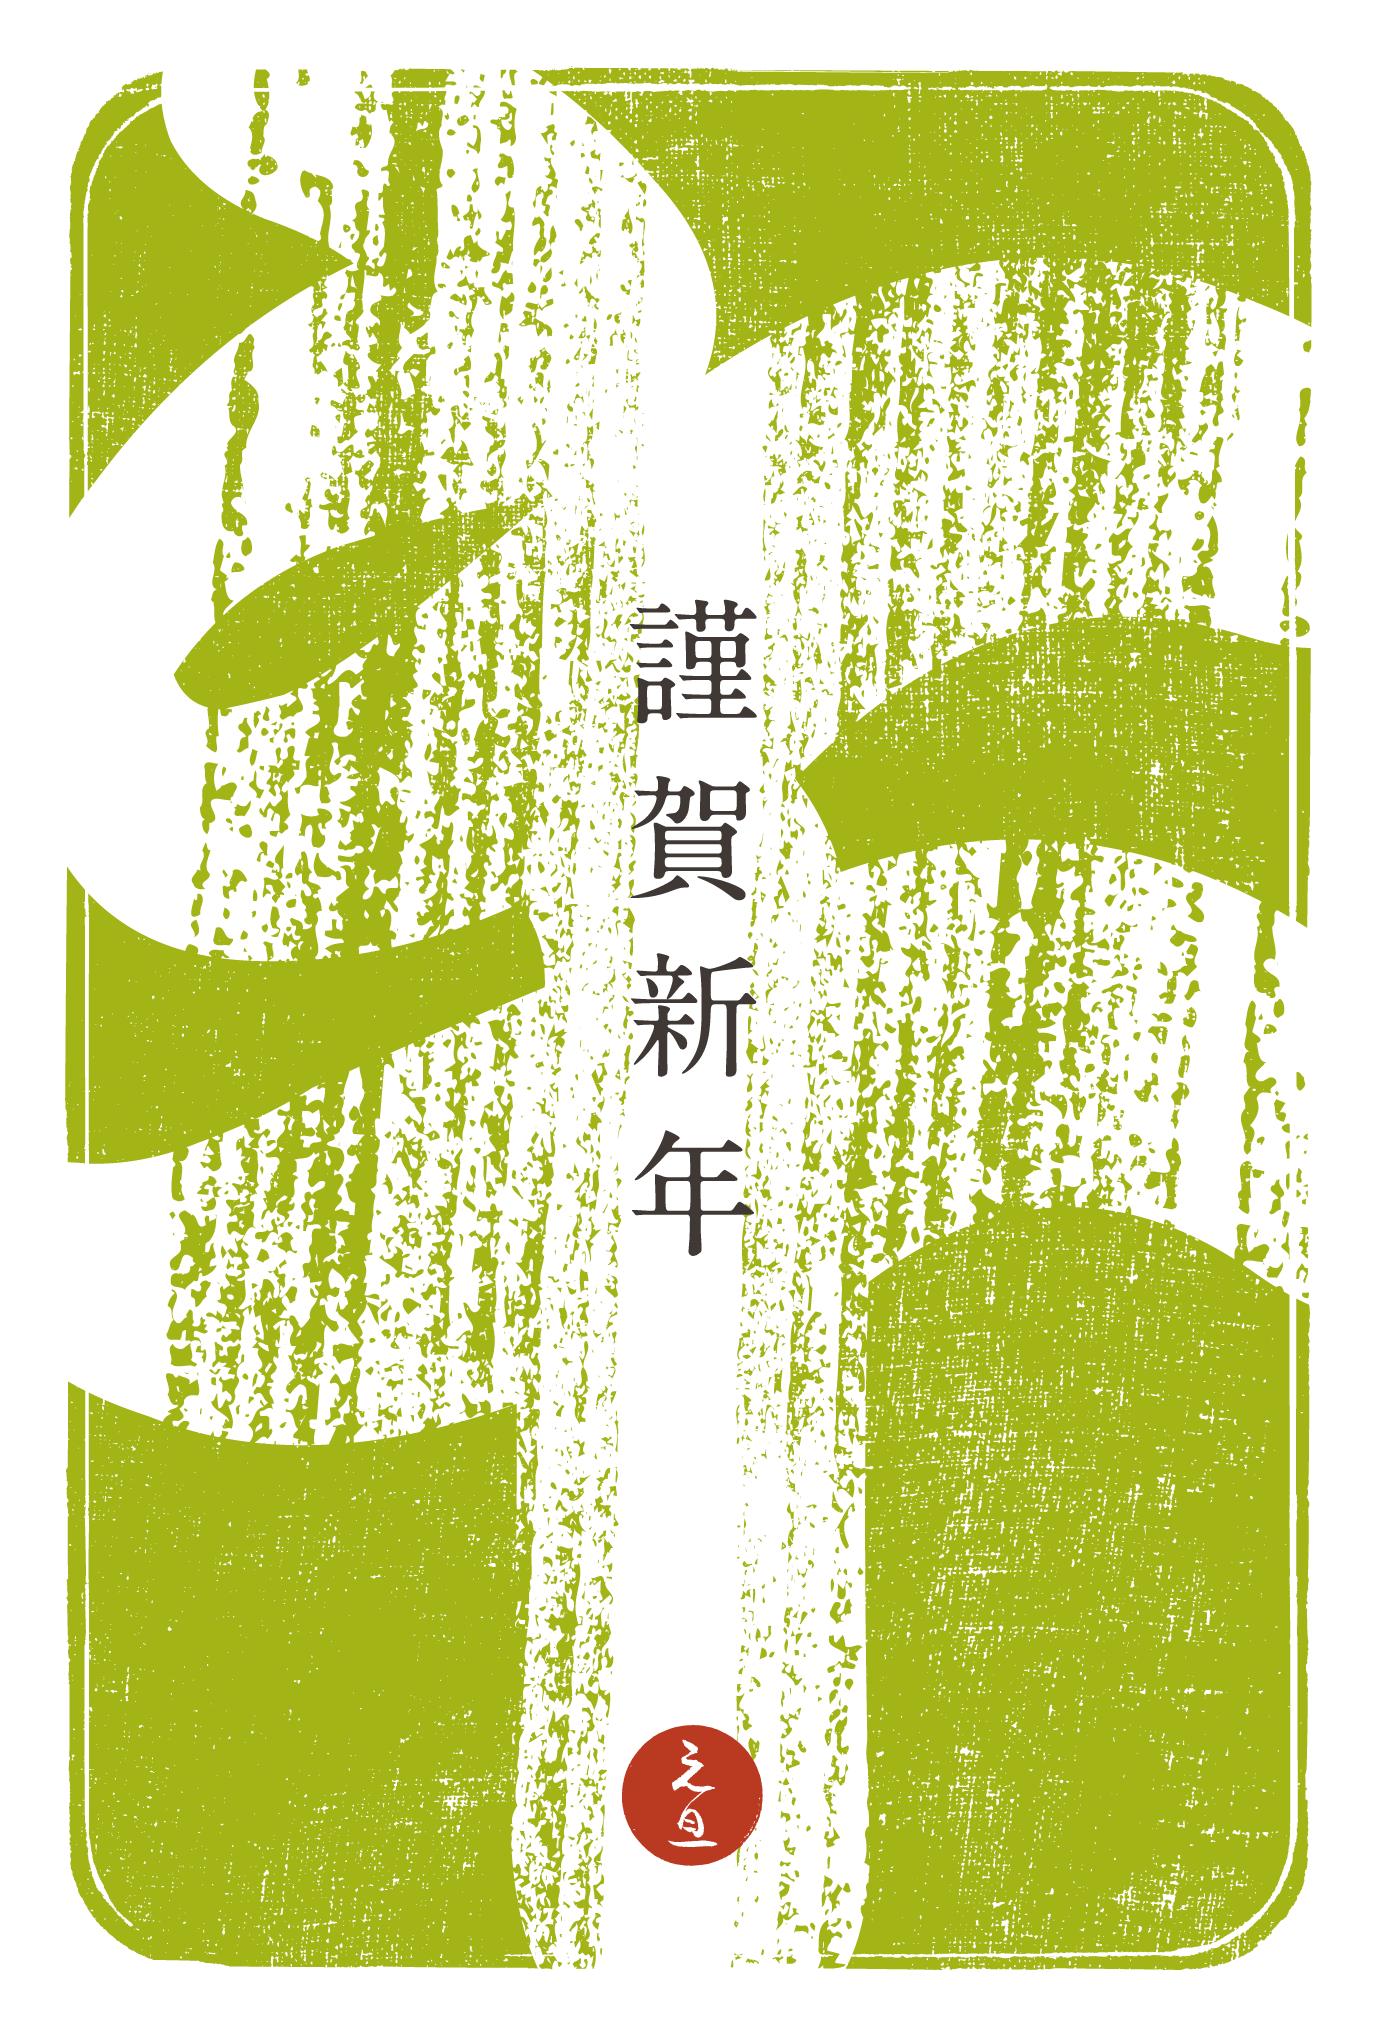 2014年賀状05-4:江戸勘亭流(午)若草色のダウンロード画像